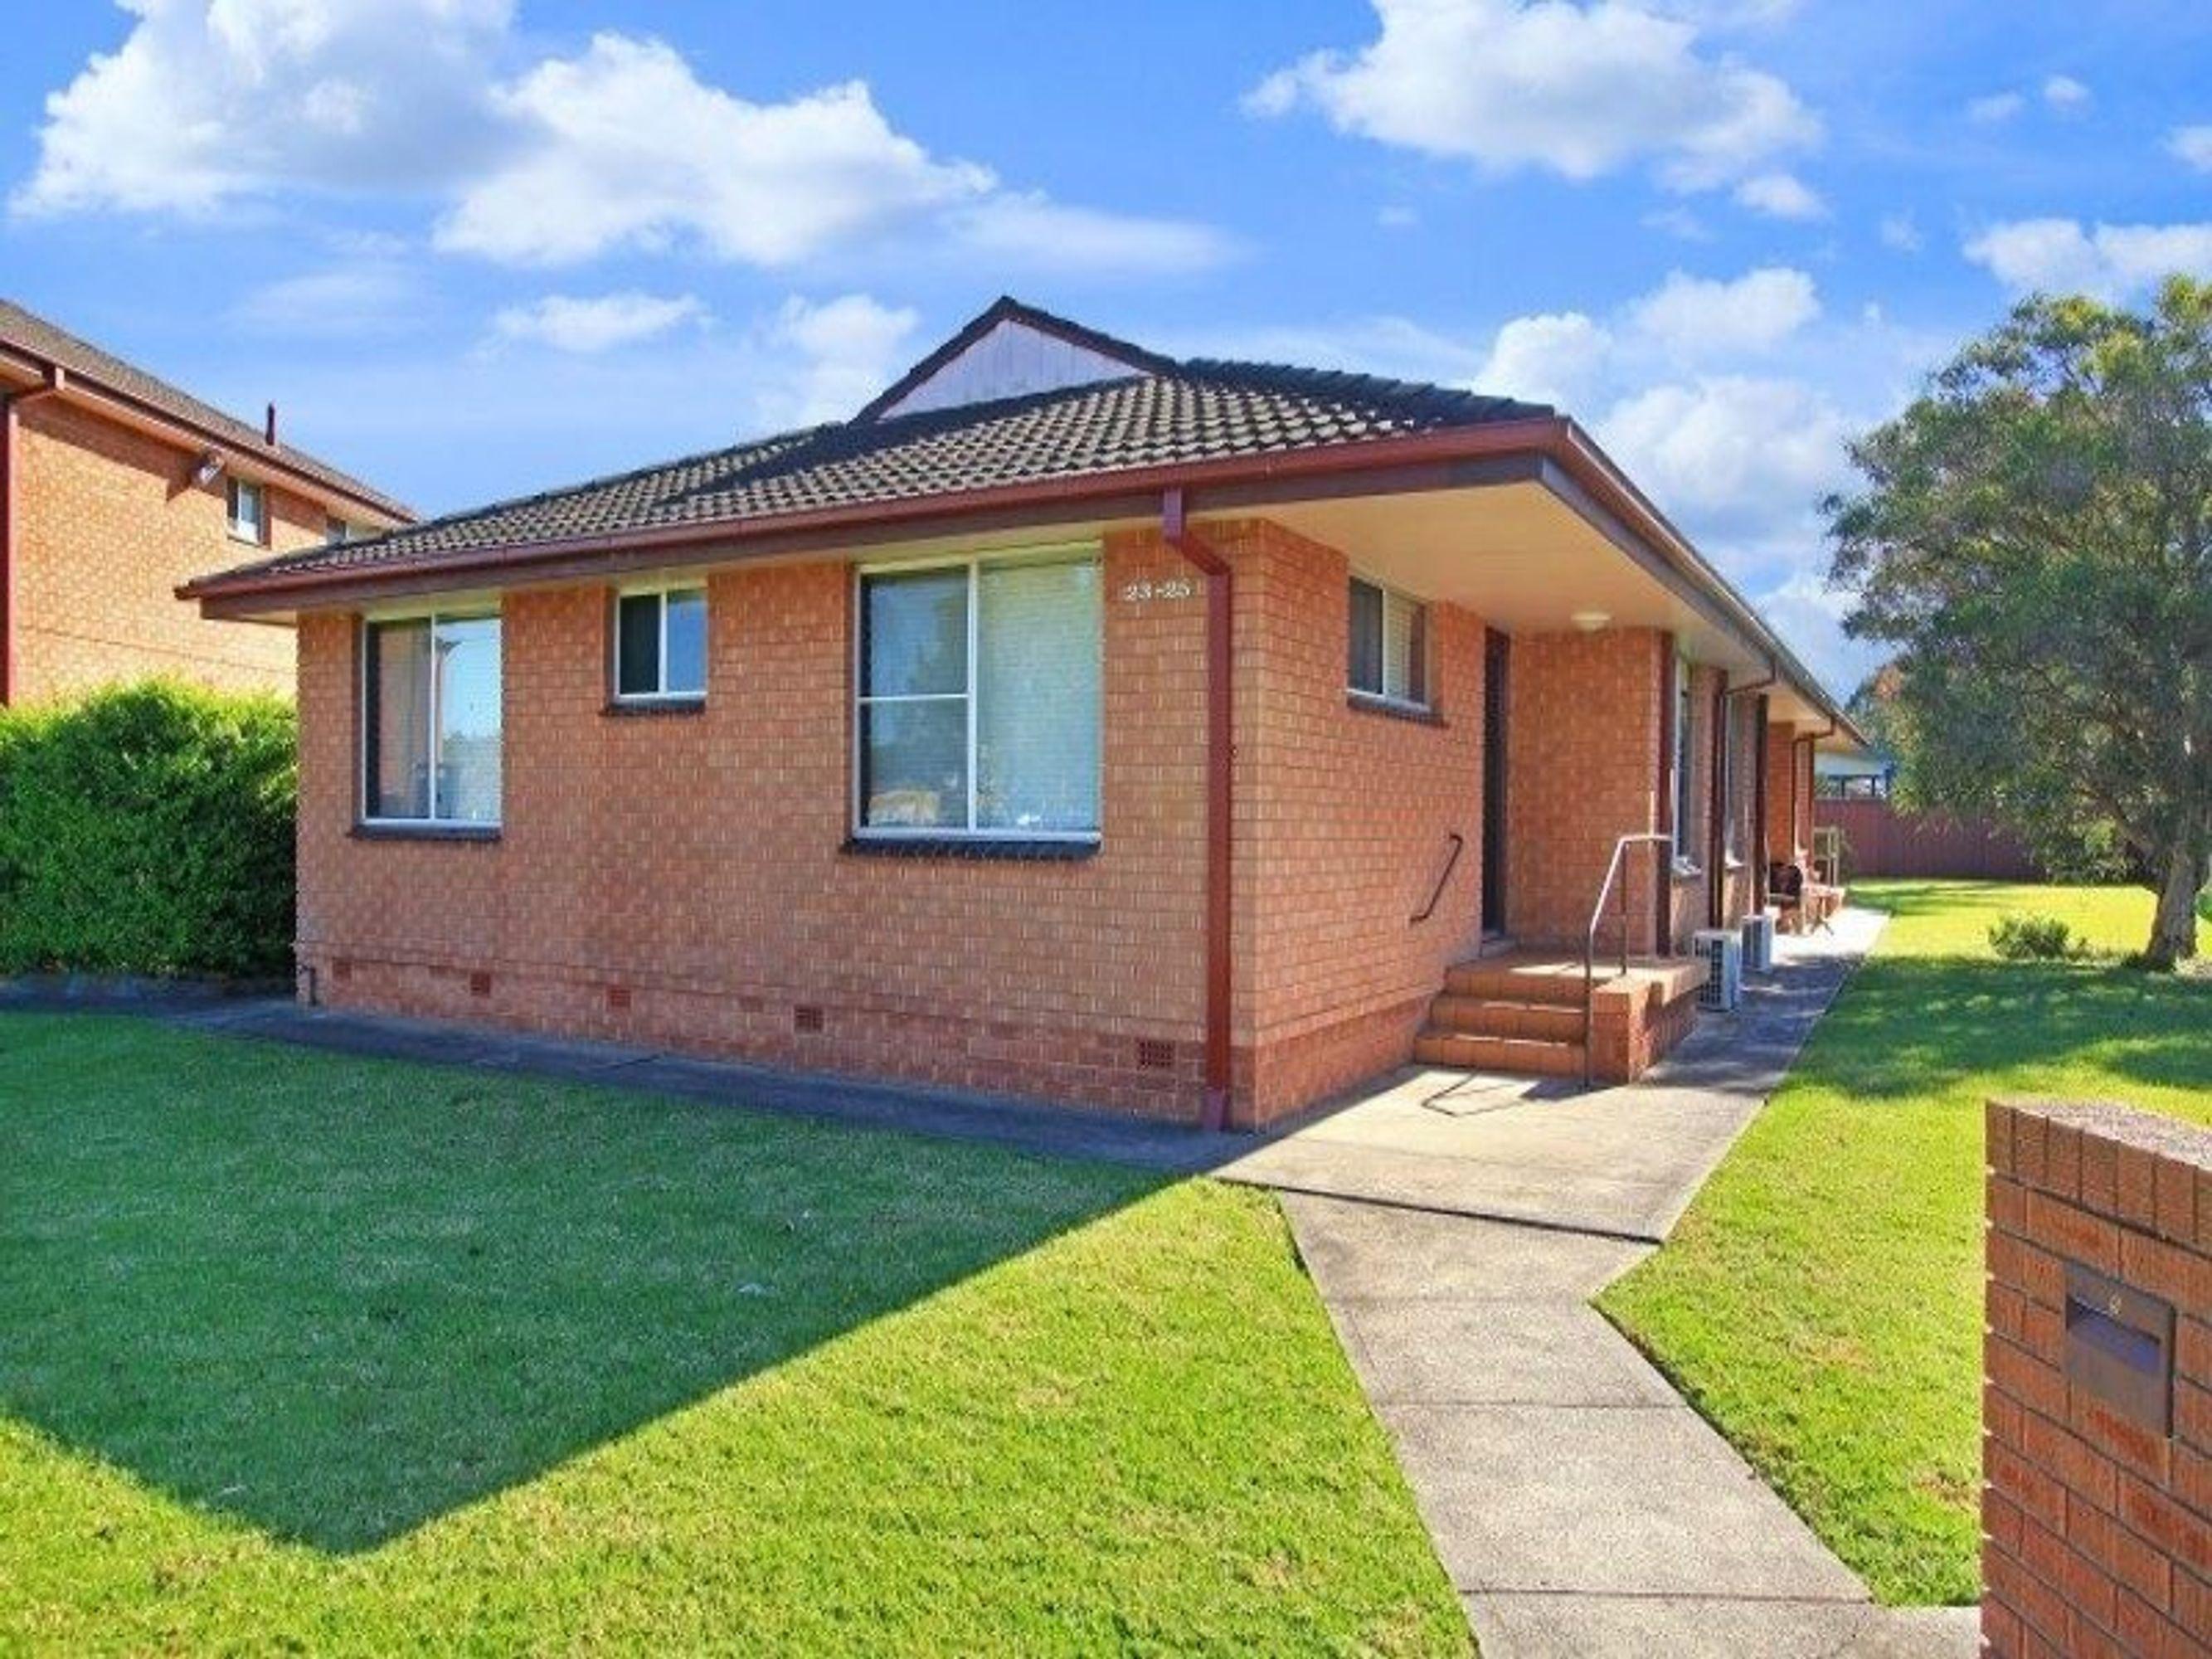 23/42 Brownsville Avenue, Brownsville, NSW 2530